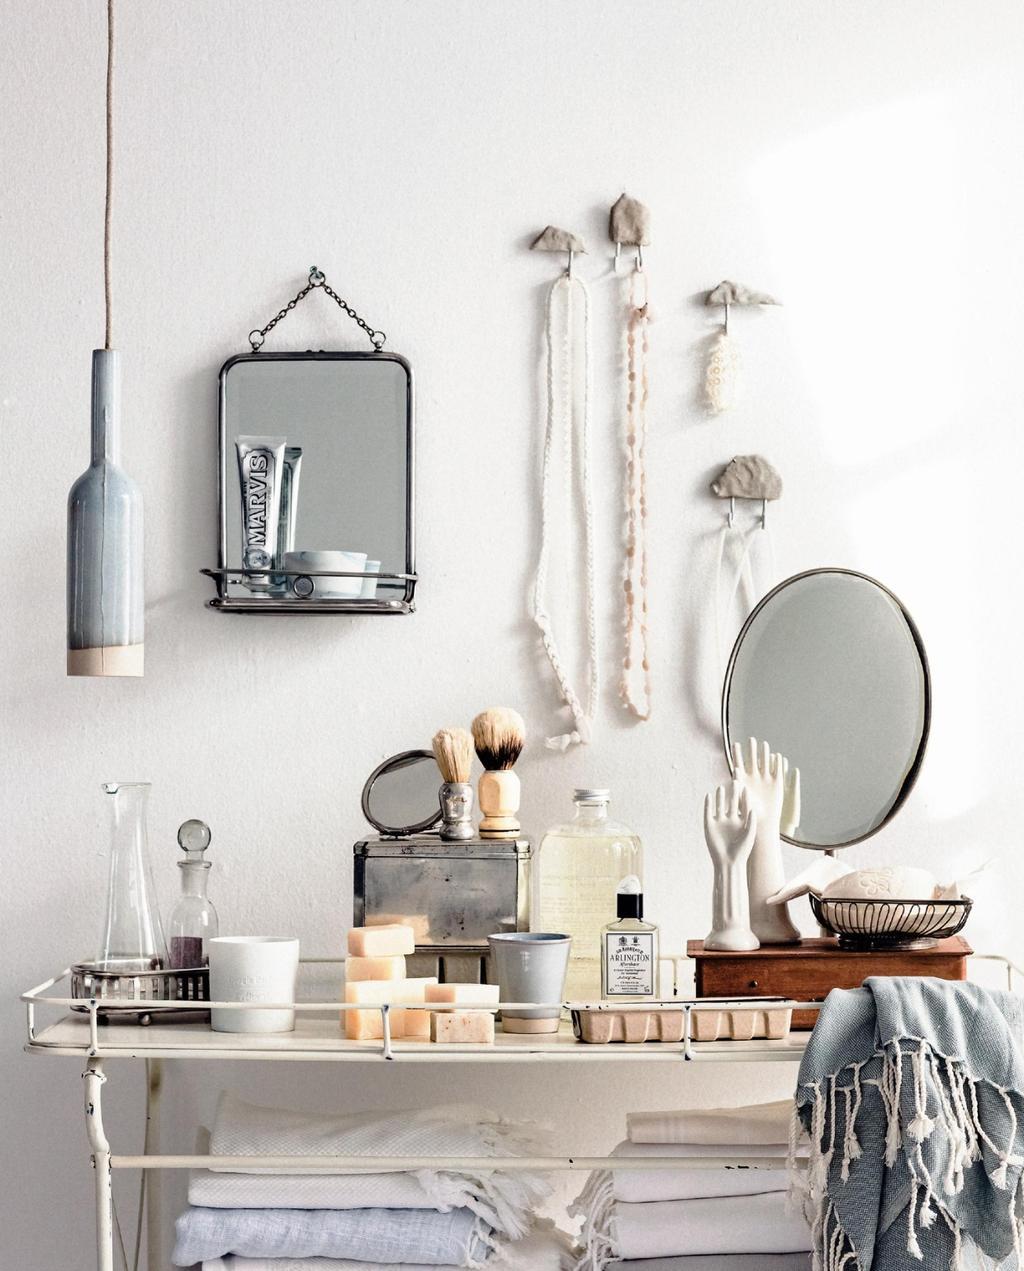 badkamer zelfmakers | diy | haakjes van klei